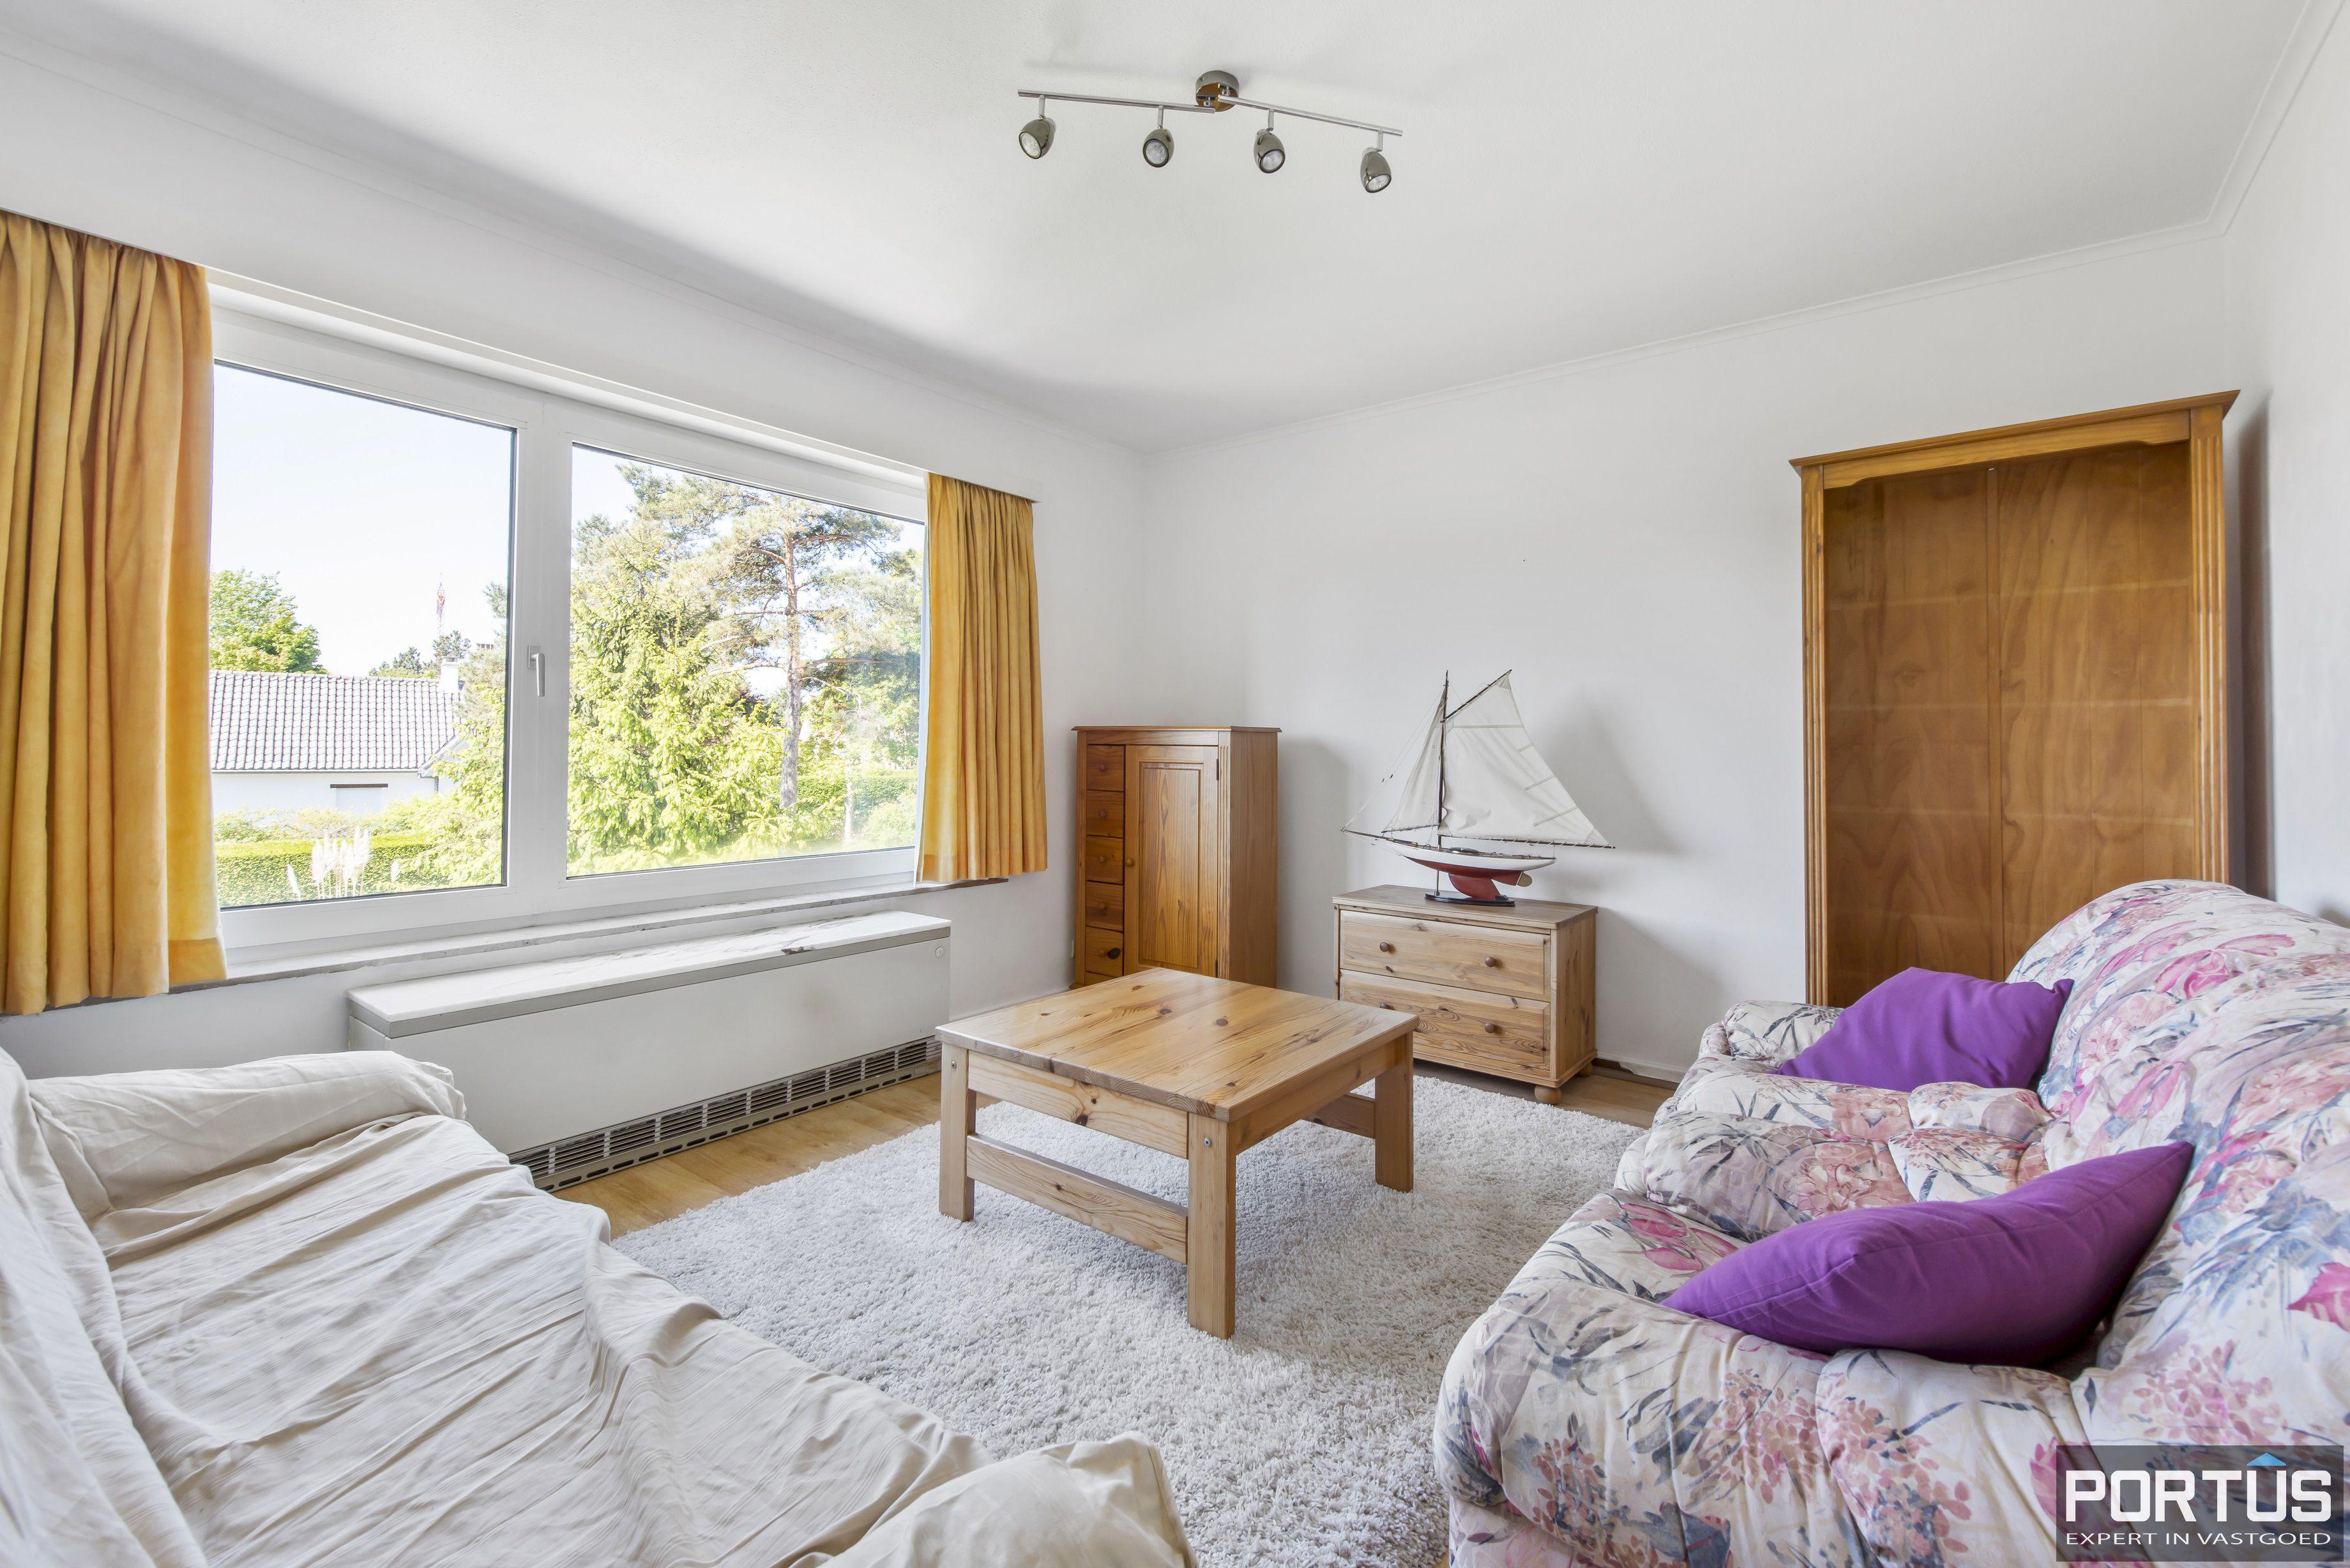 Appartement met 2 slaapkamers en parking te koop te Nieuwpoort - 9727